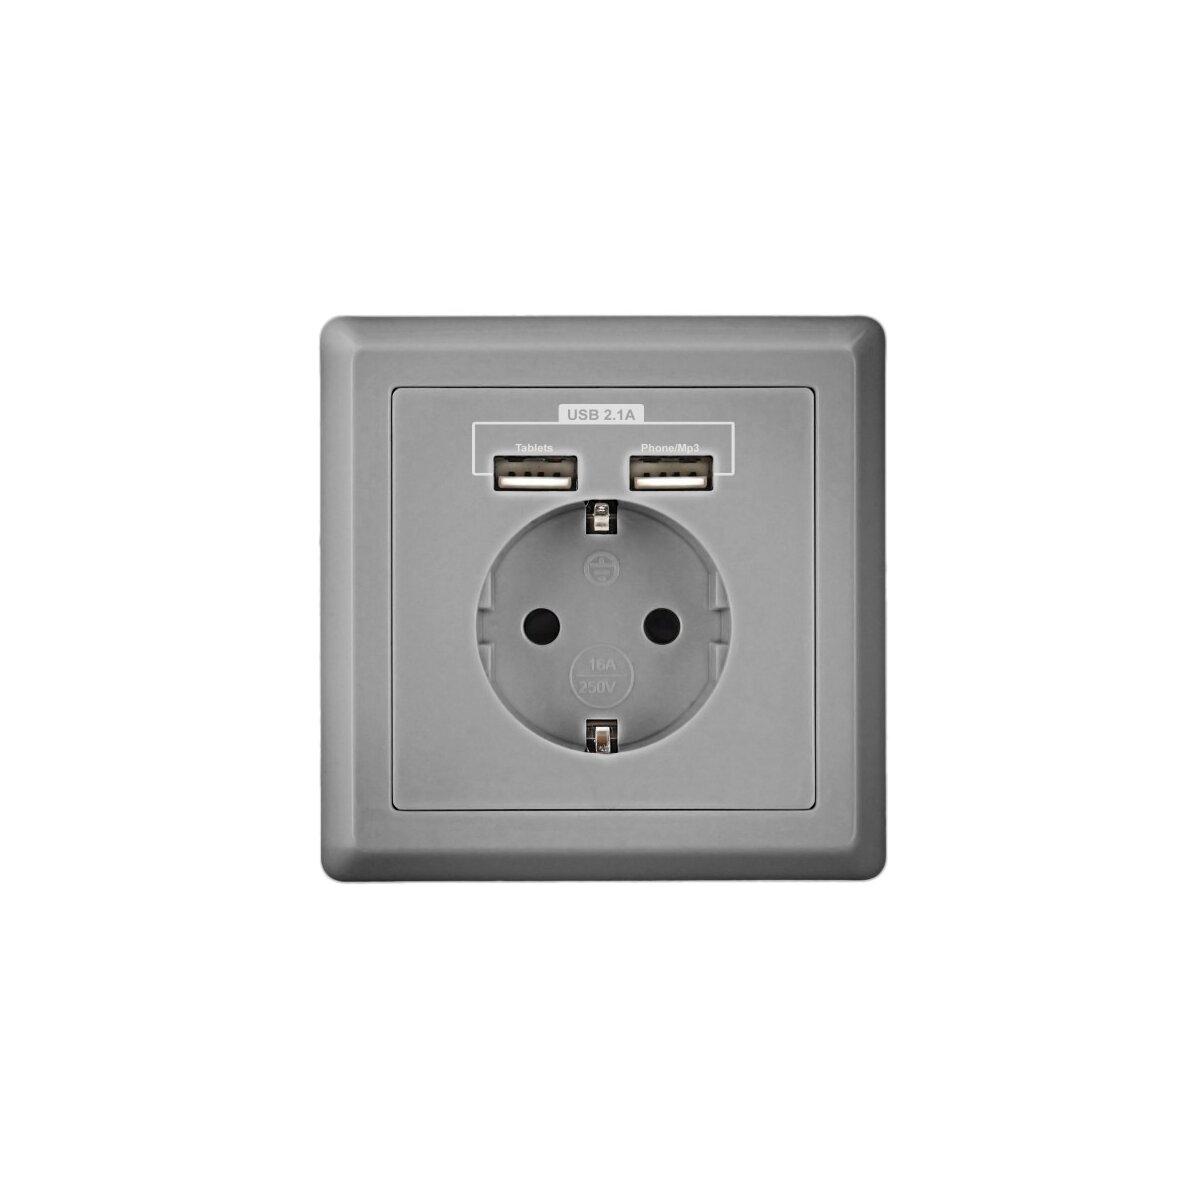 Silber - Minadax Schuko Steckdose mit 2 x USB Anschluss